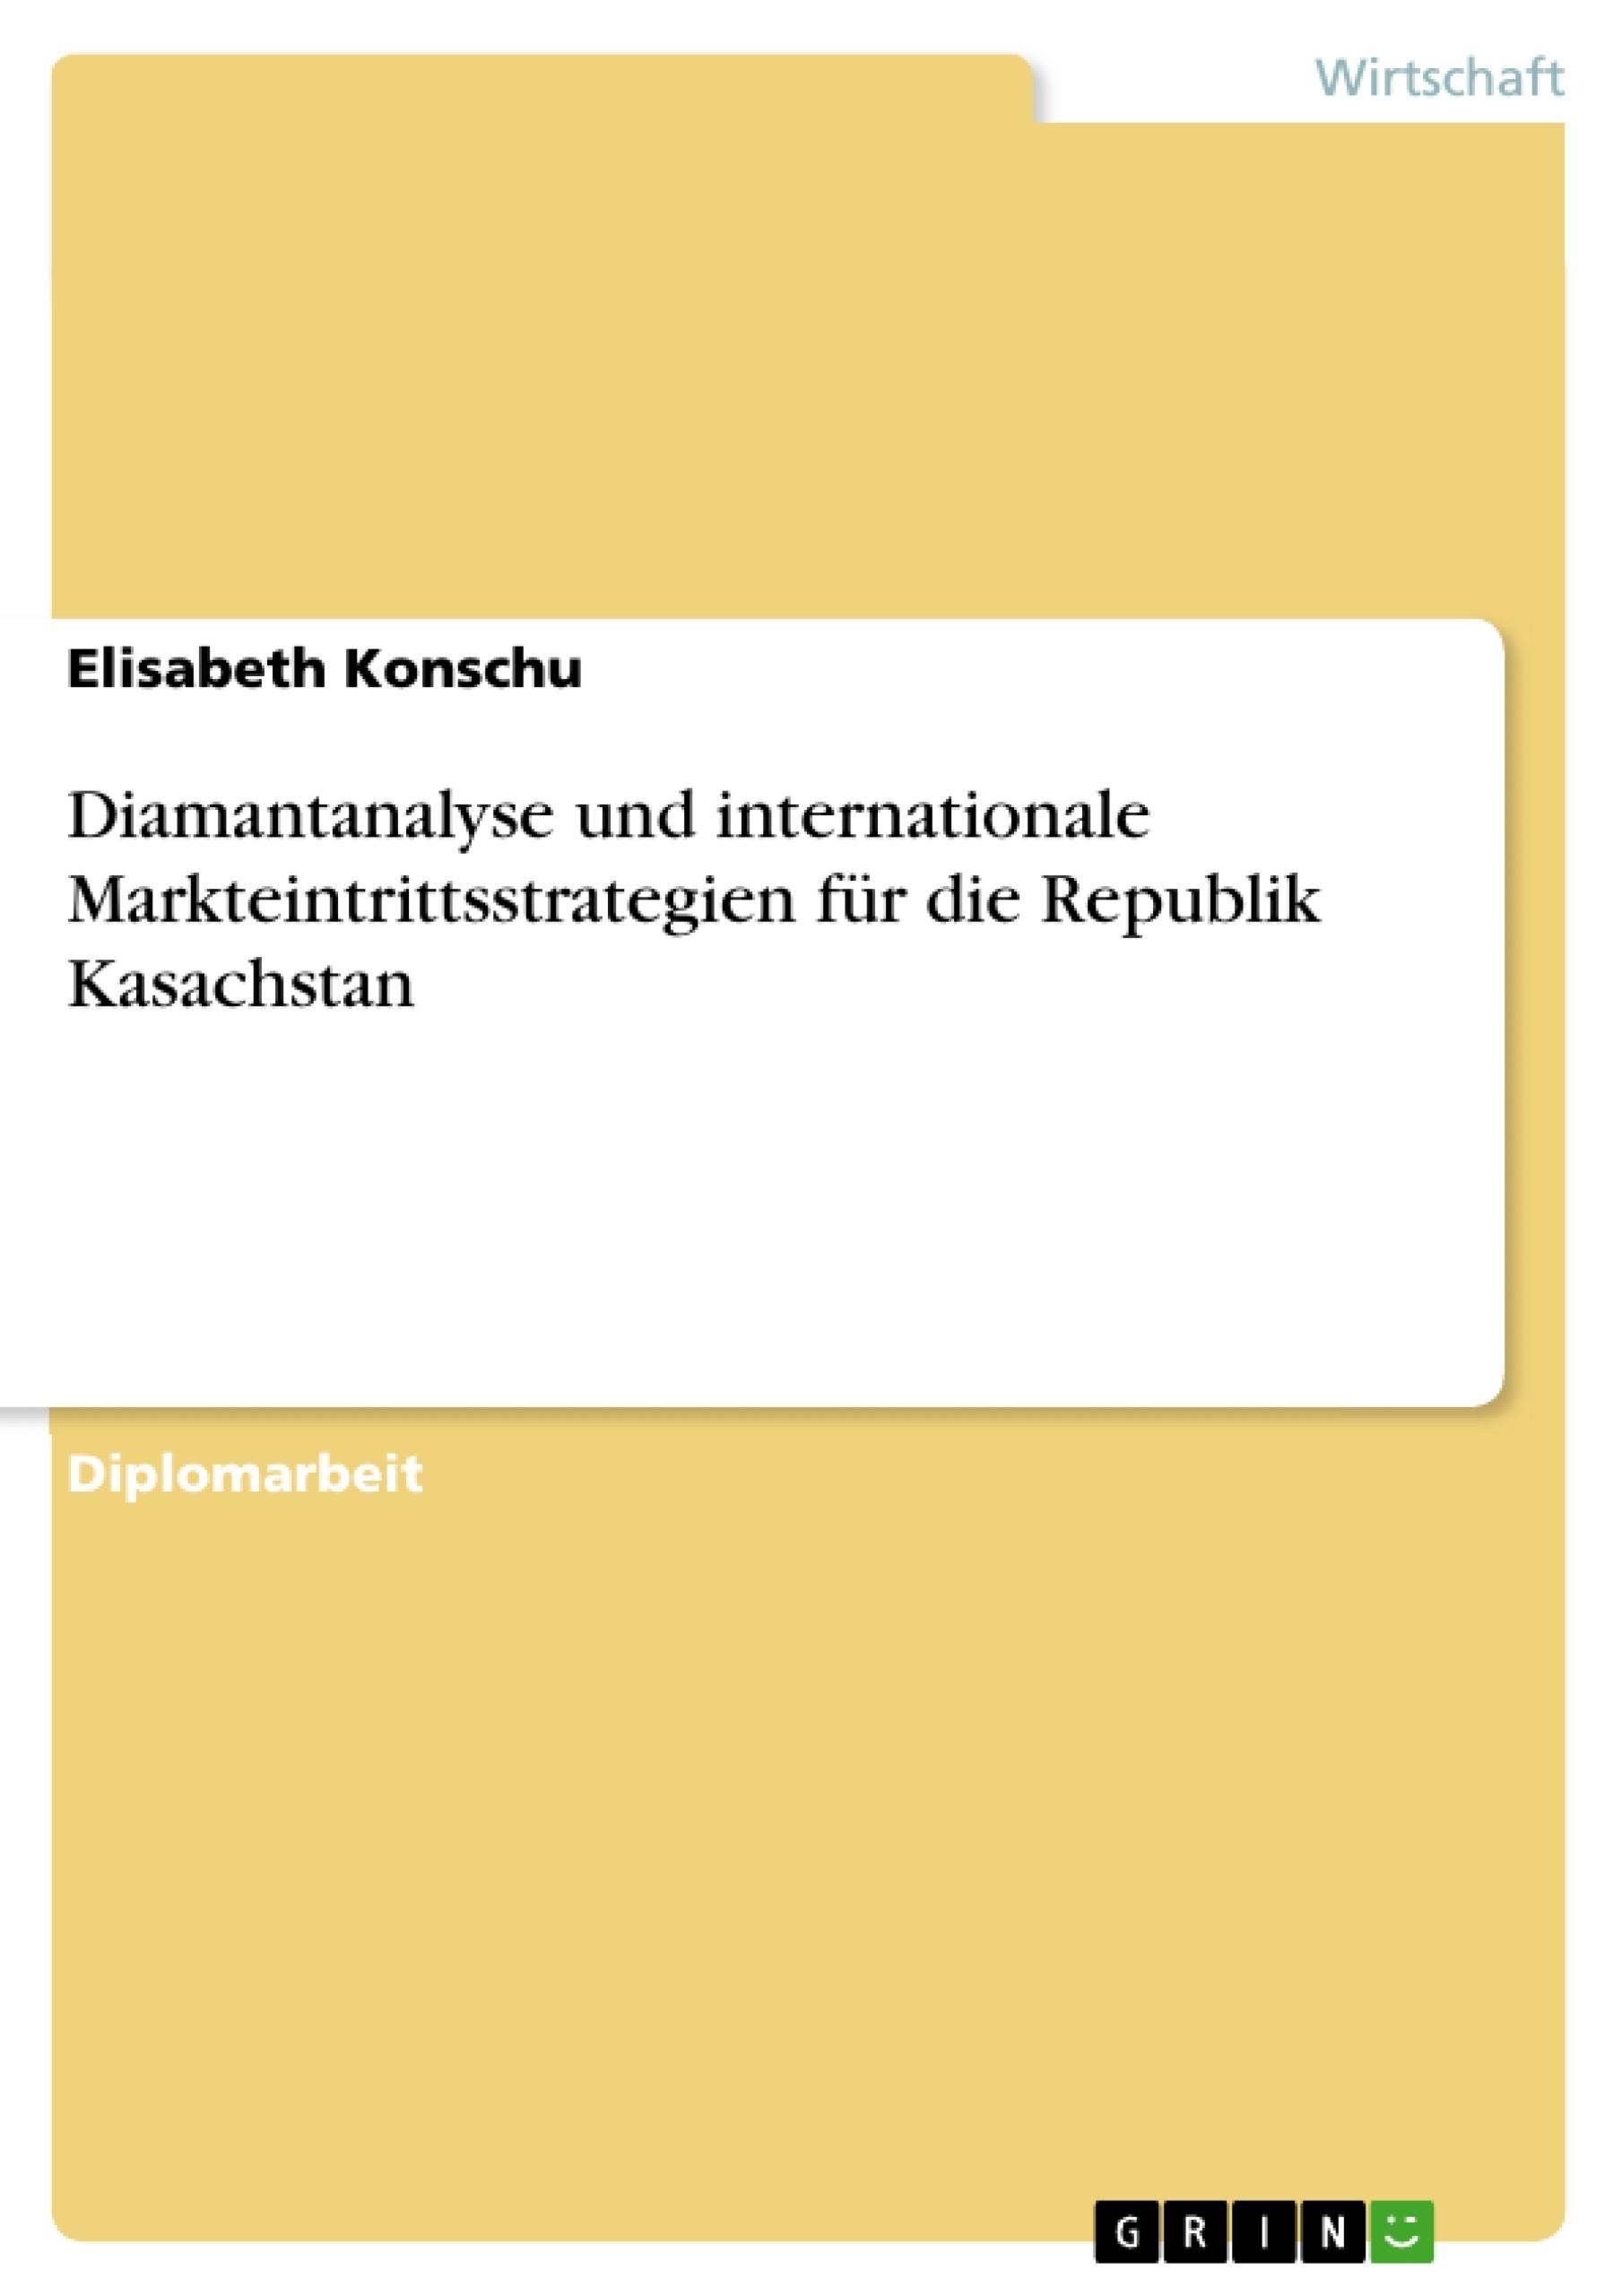 Titel: Diamantanalyse und internationale Markteintrittsstrategien für die Republik Kasachstan